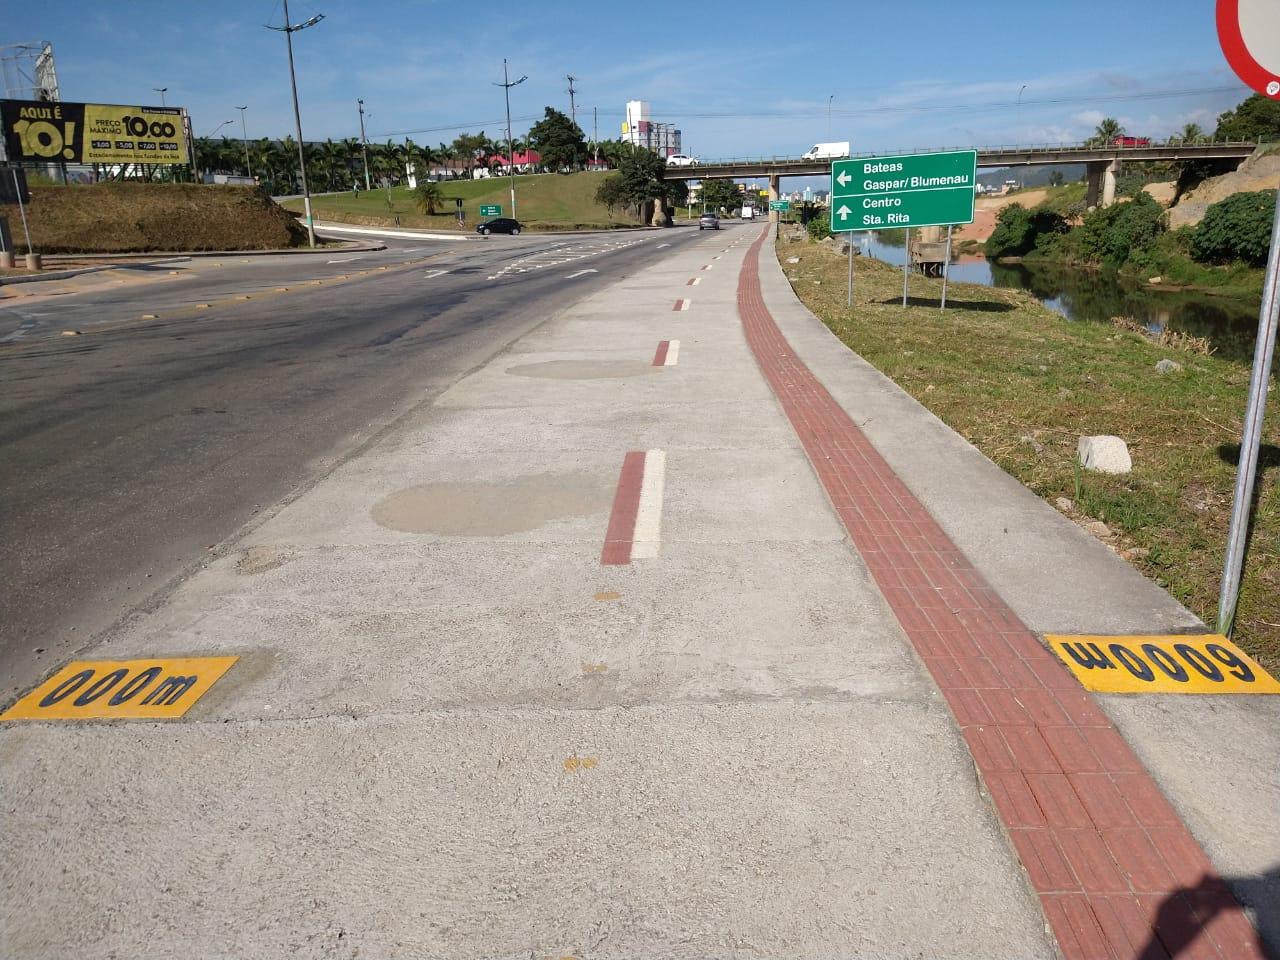 Fundação de Esportes e Setram realizam marcação de distância na avenida Beira Rio